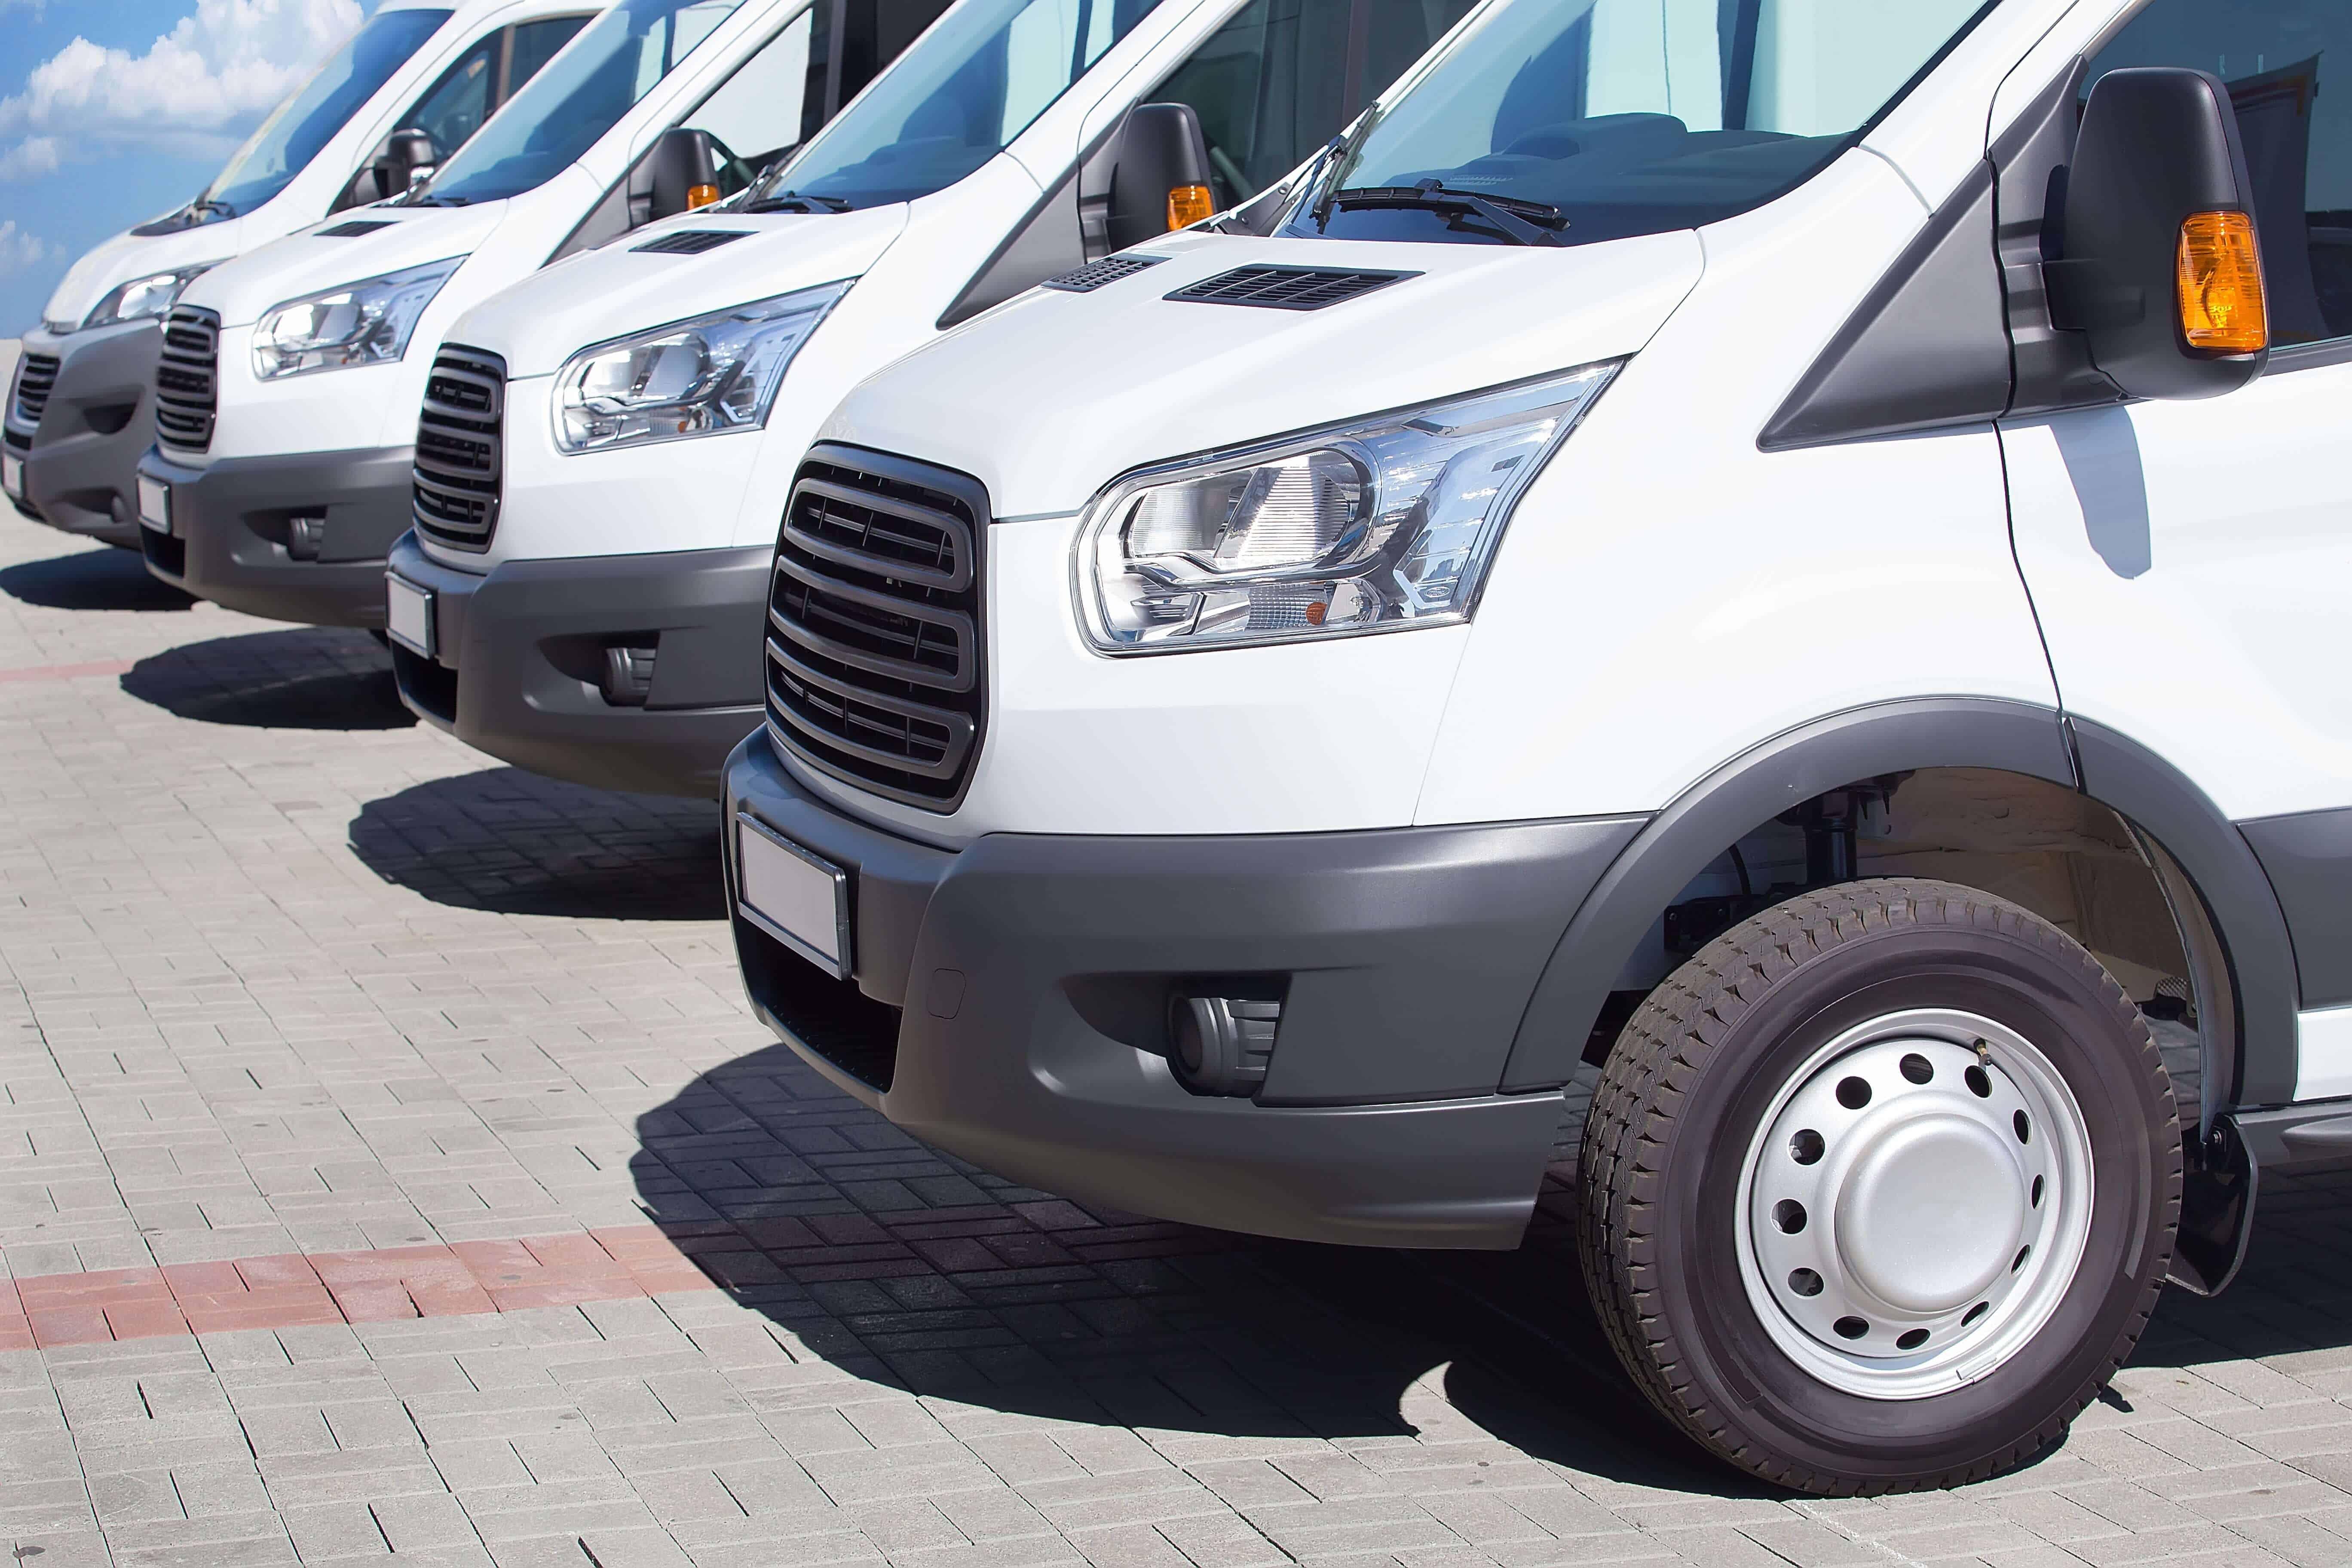 White minibus fleet